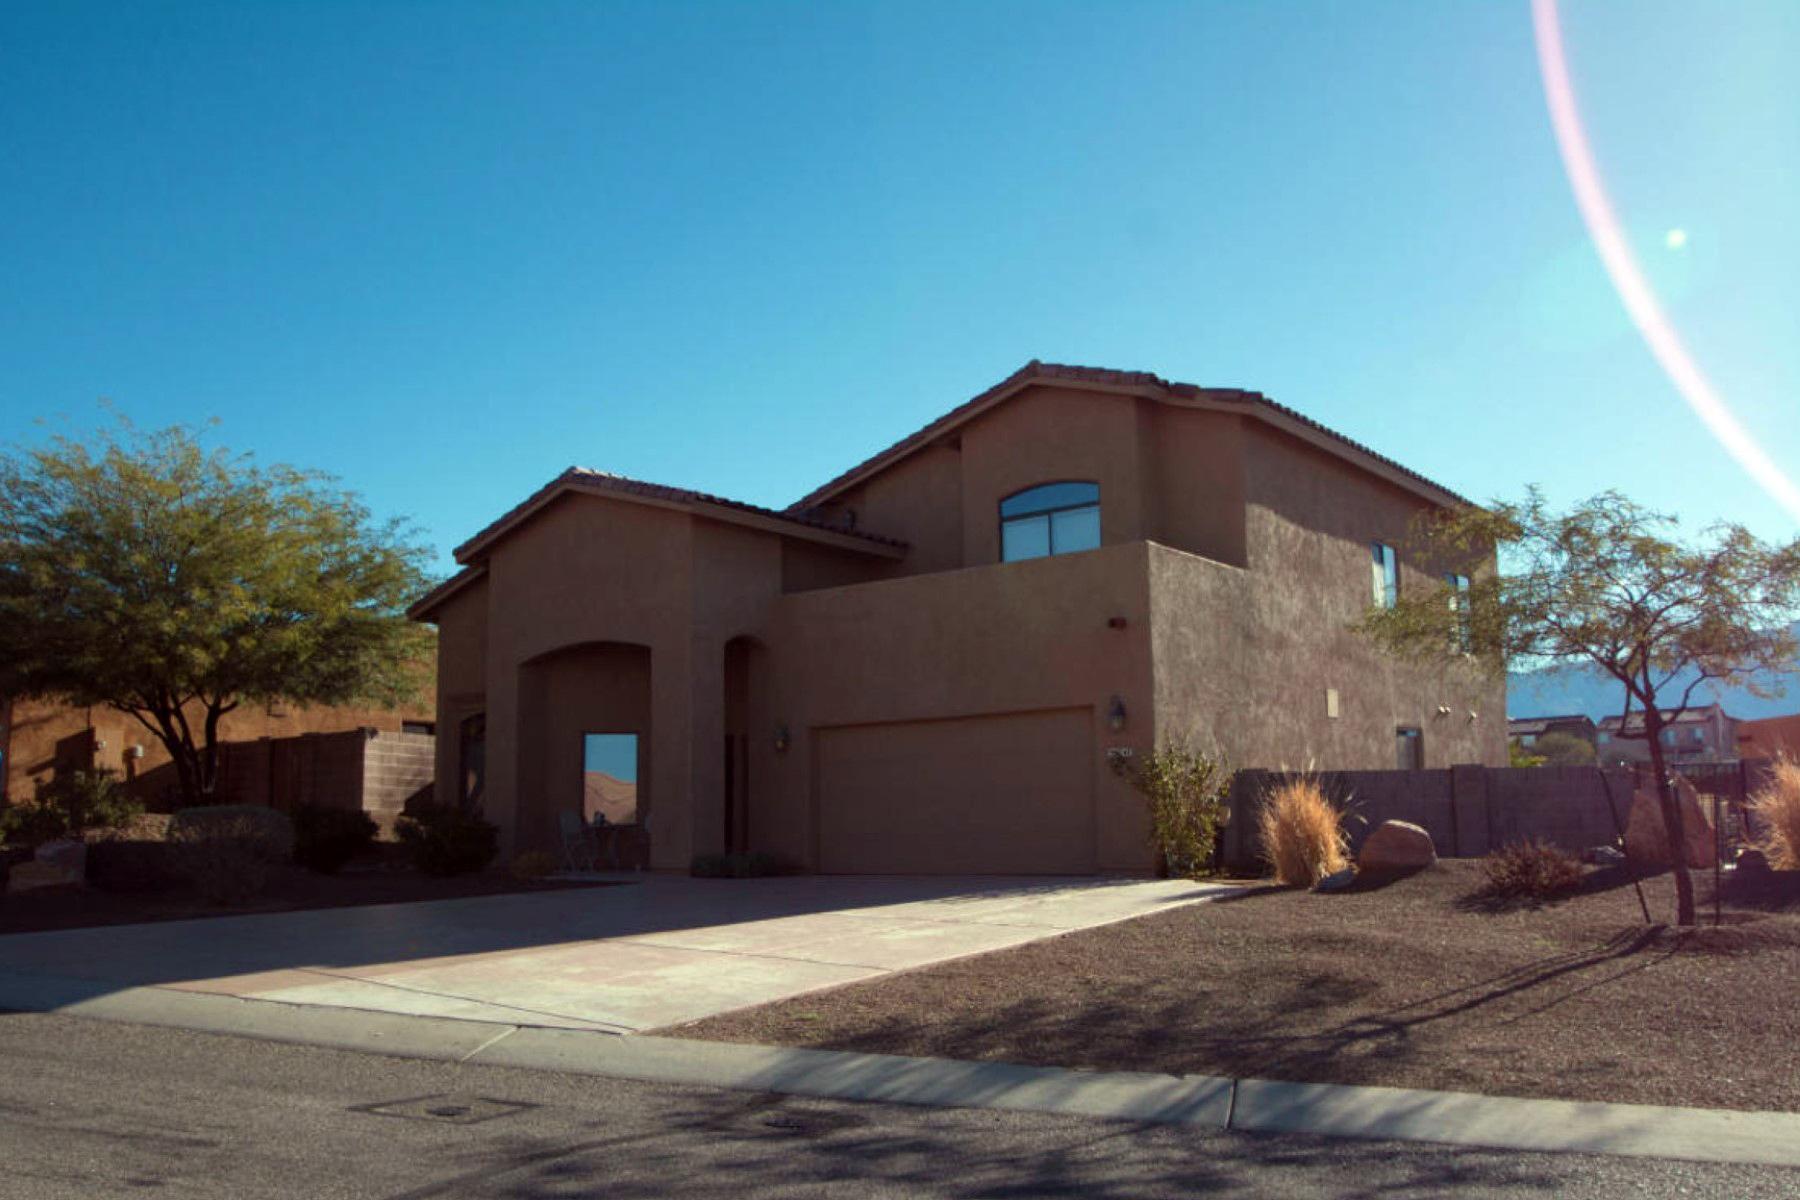 Maison unifamiliale pour l Vente à Modern Home With Charm, Dignity & Comfort 39747 S Horse Run Drive Tucson, Arizona 85739 États-Unis